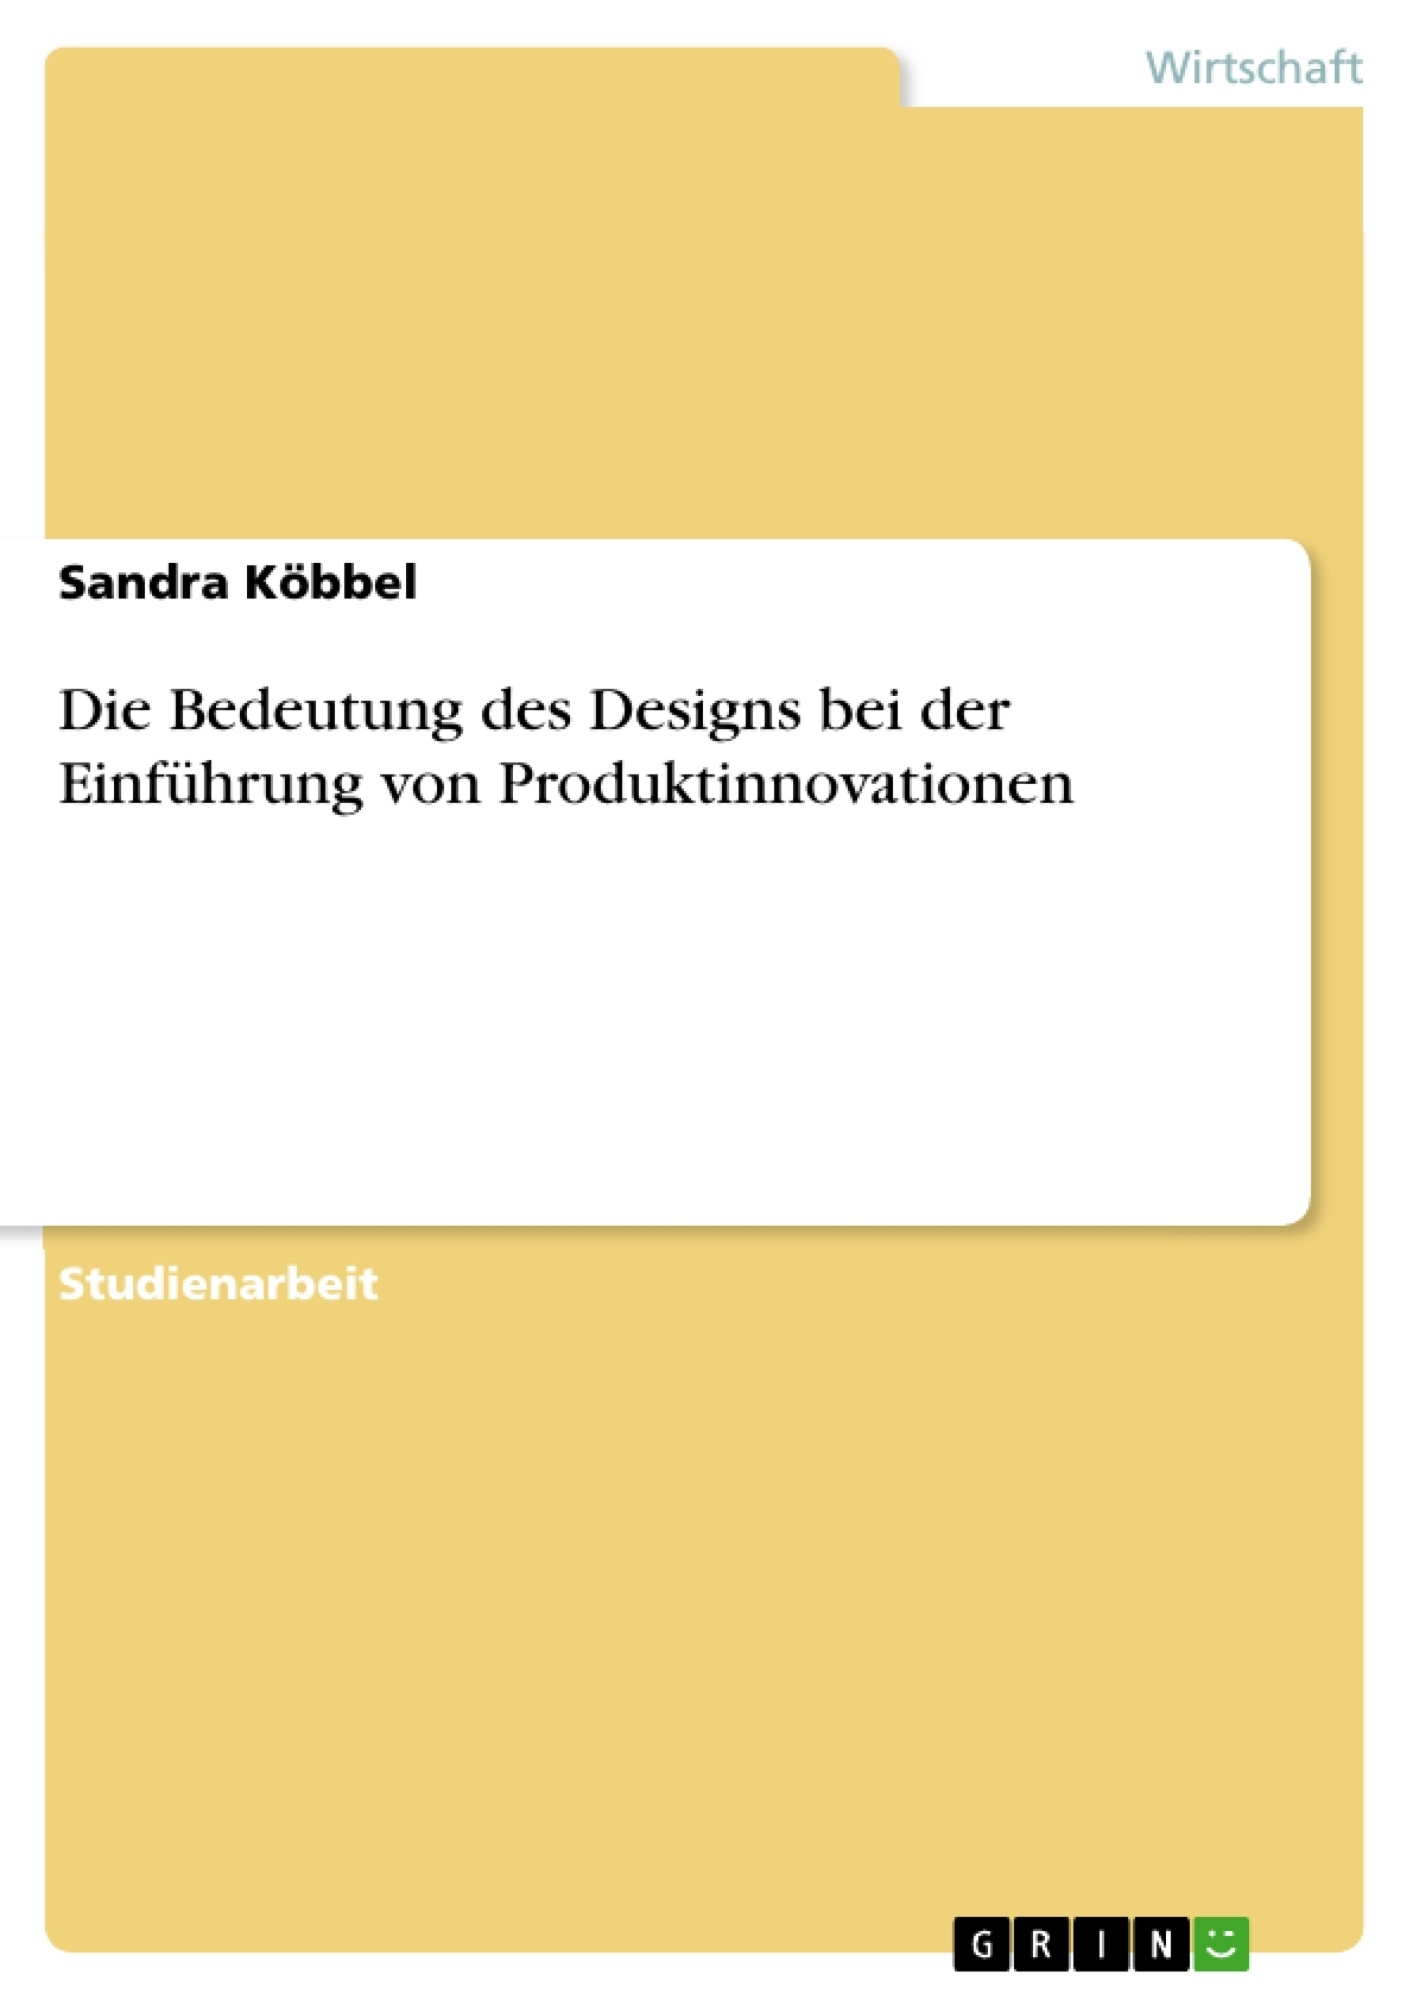 Titel: Die Bedeutung des Designs bei der Einführung von Produktinnovationen